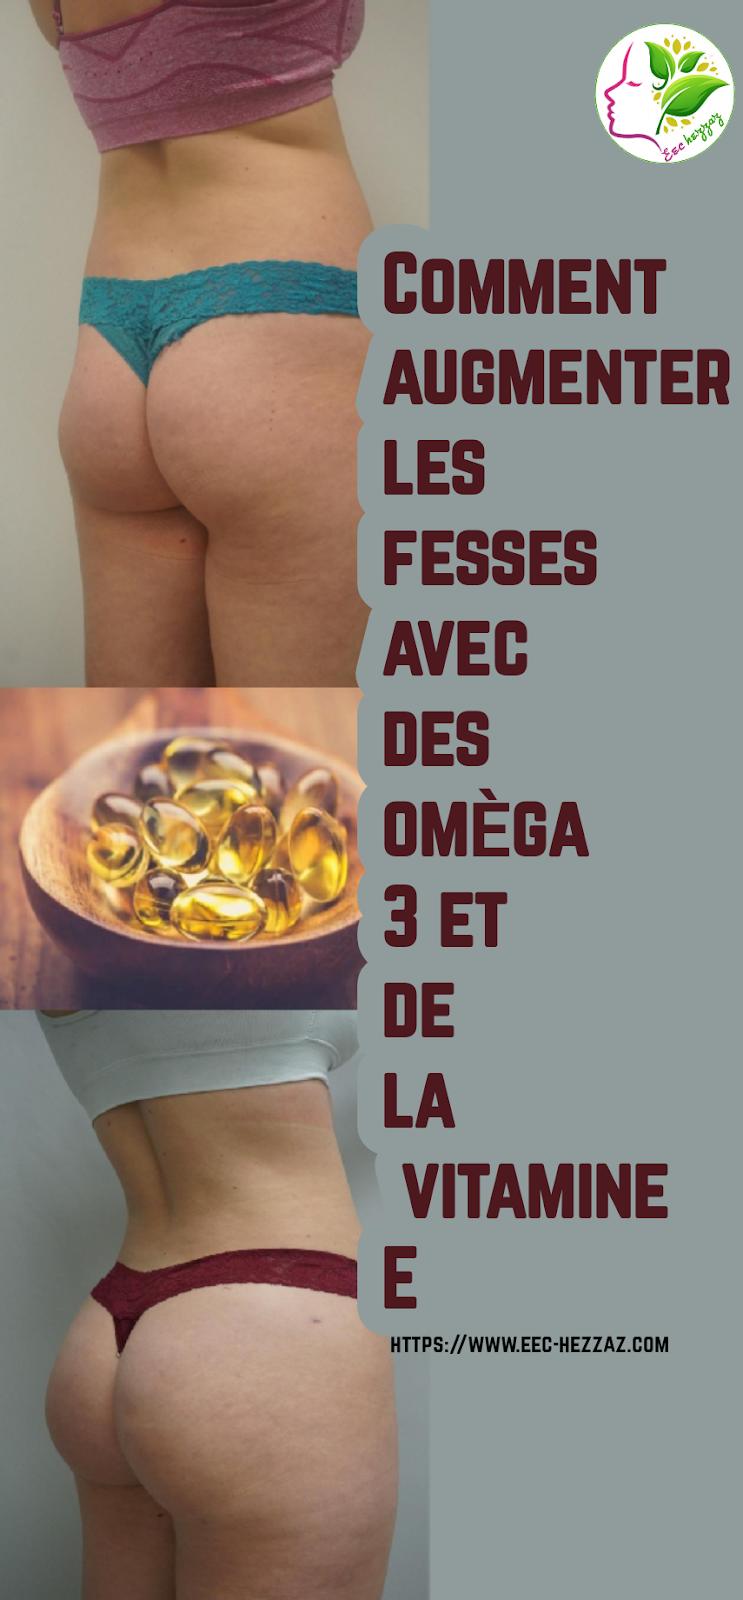 Comment augmenter les fesses avec des oméga 3 et de la vitamine E